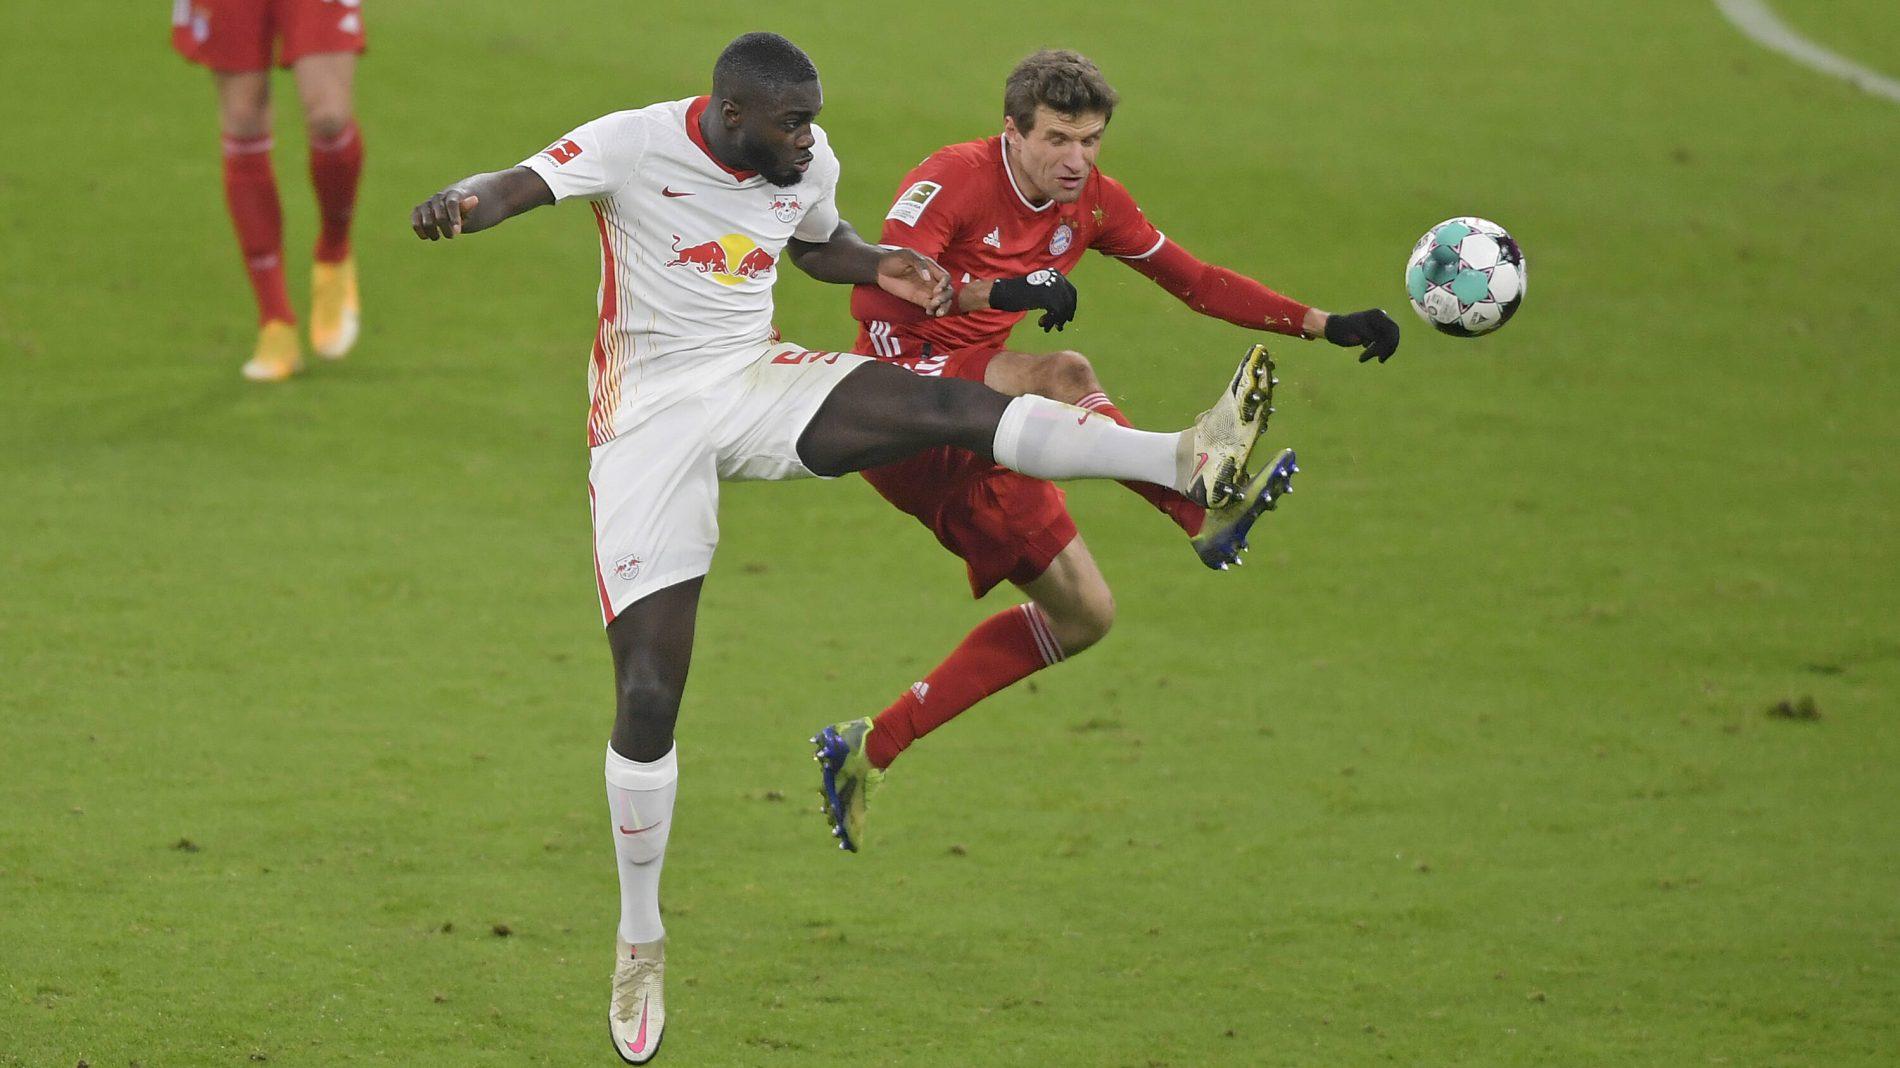 马特乌斯:乌帕对阵莱万时证明了自己,拜仁可以考虑签下他